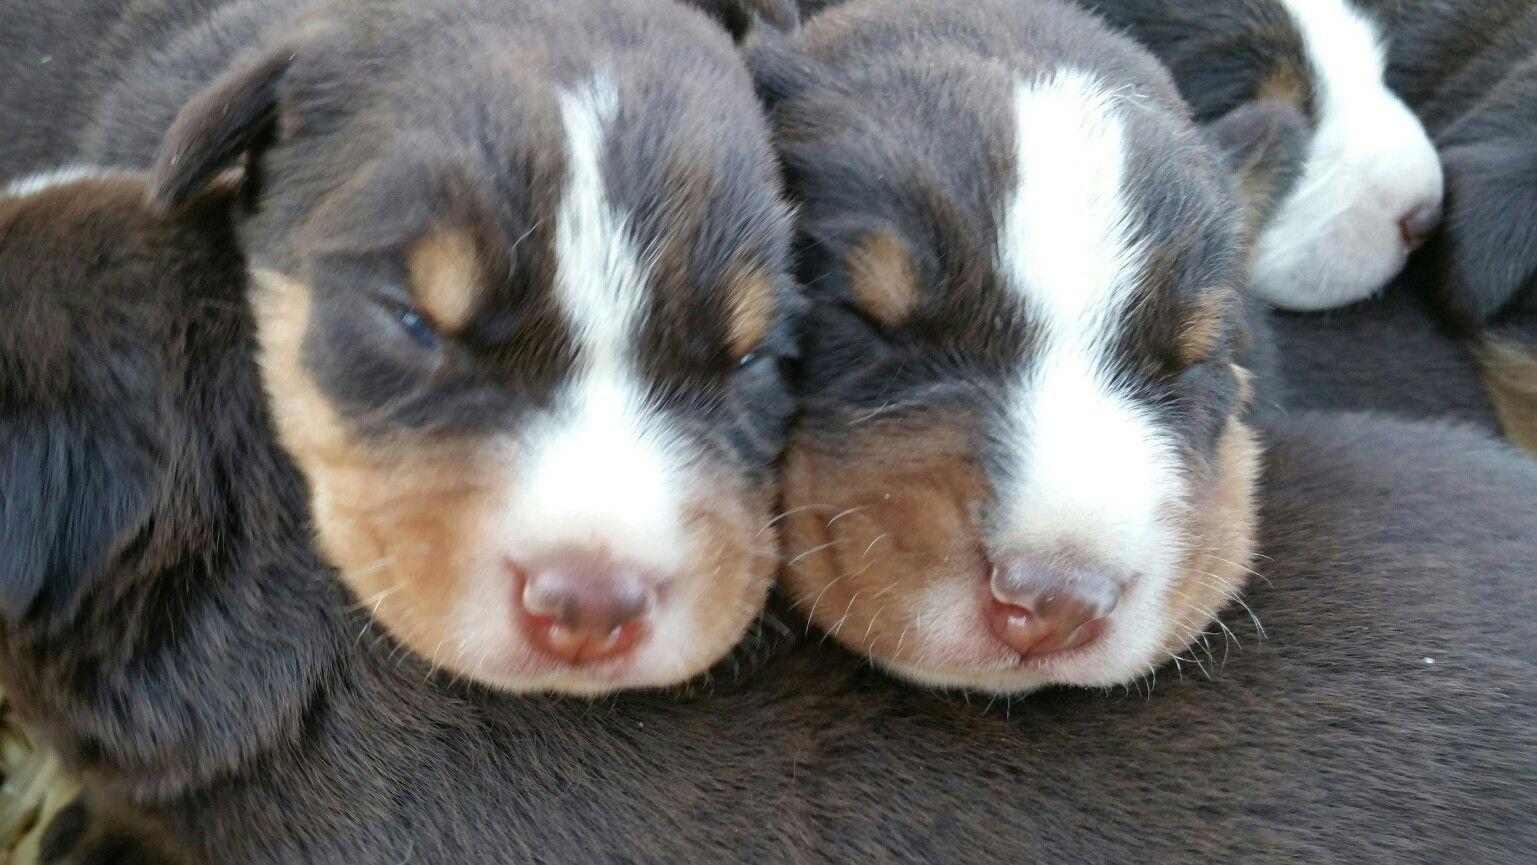 So Sehen Wir Im Alter Von Zwei Wochen Aus Sennenhund Appenzeller Hund Hunde